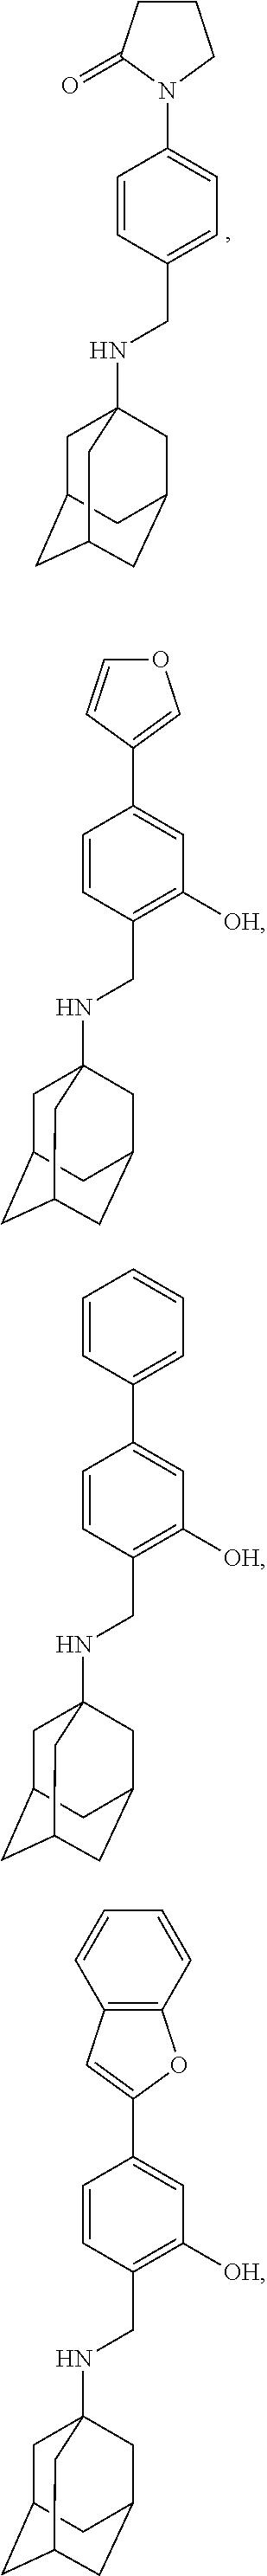 Figure US09884832-20180206-C00139